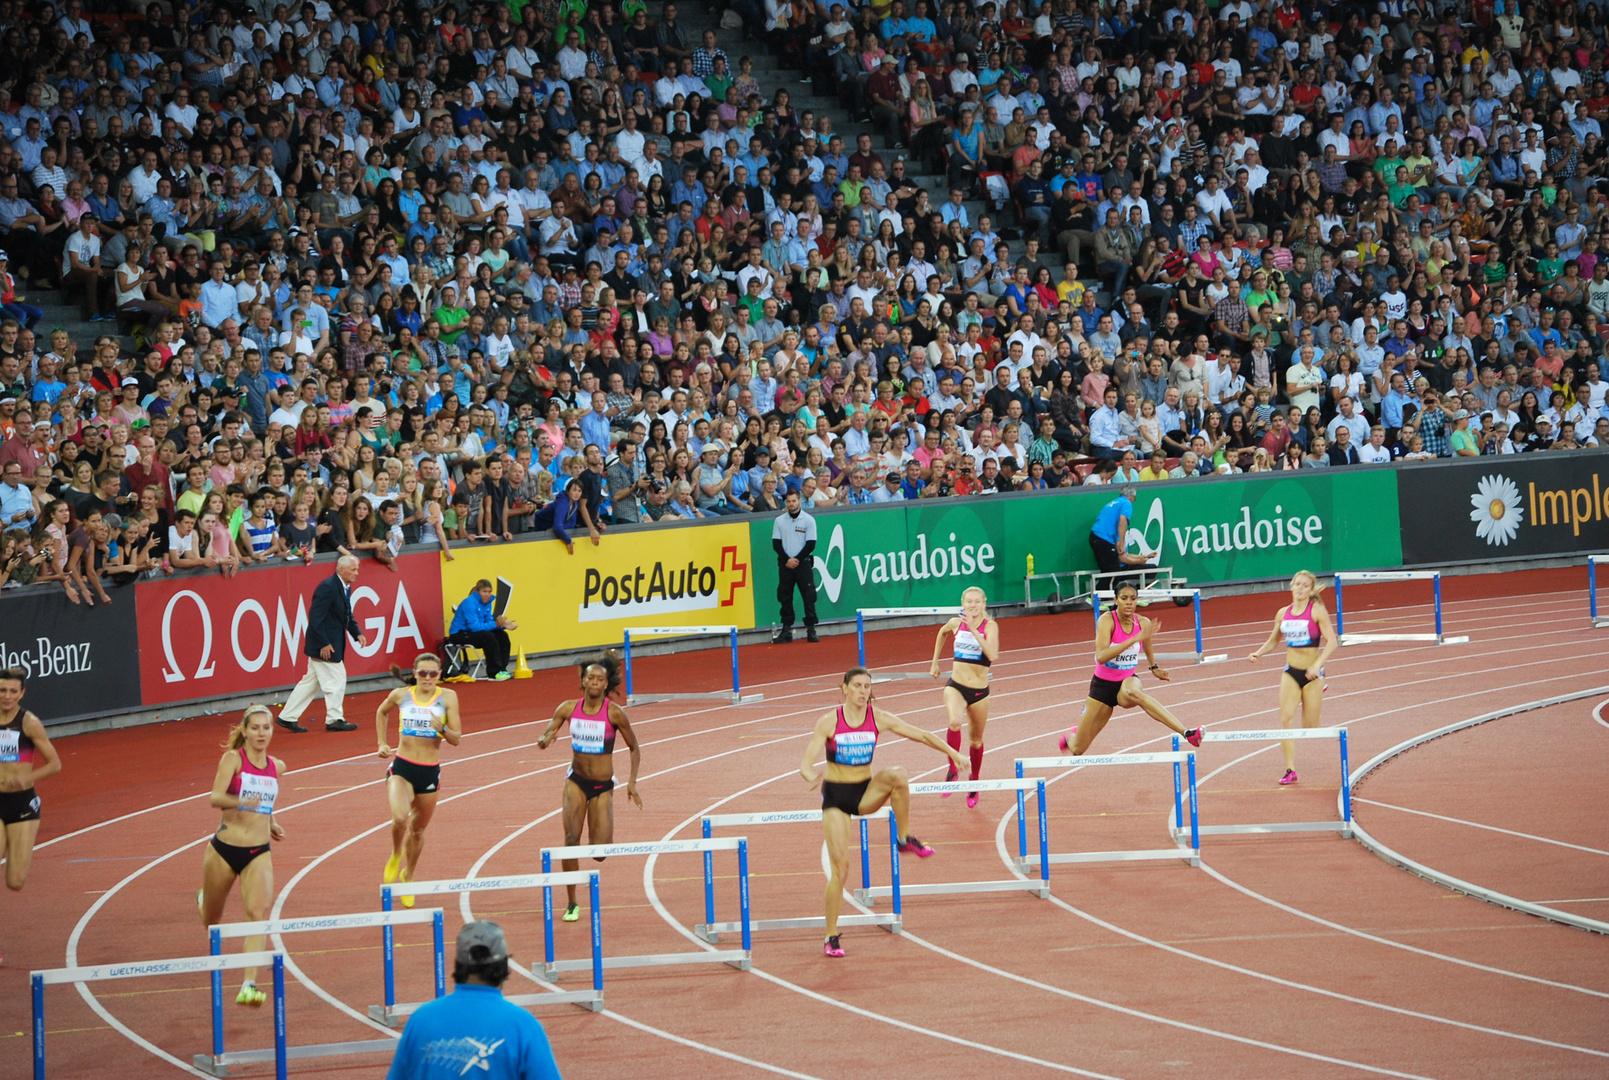 Weltklasse Zürich 2013 - Was im Weg ist wird übersprungen